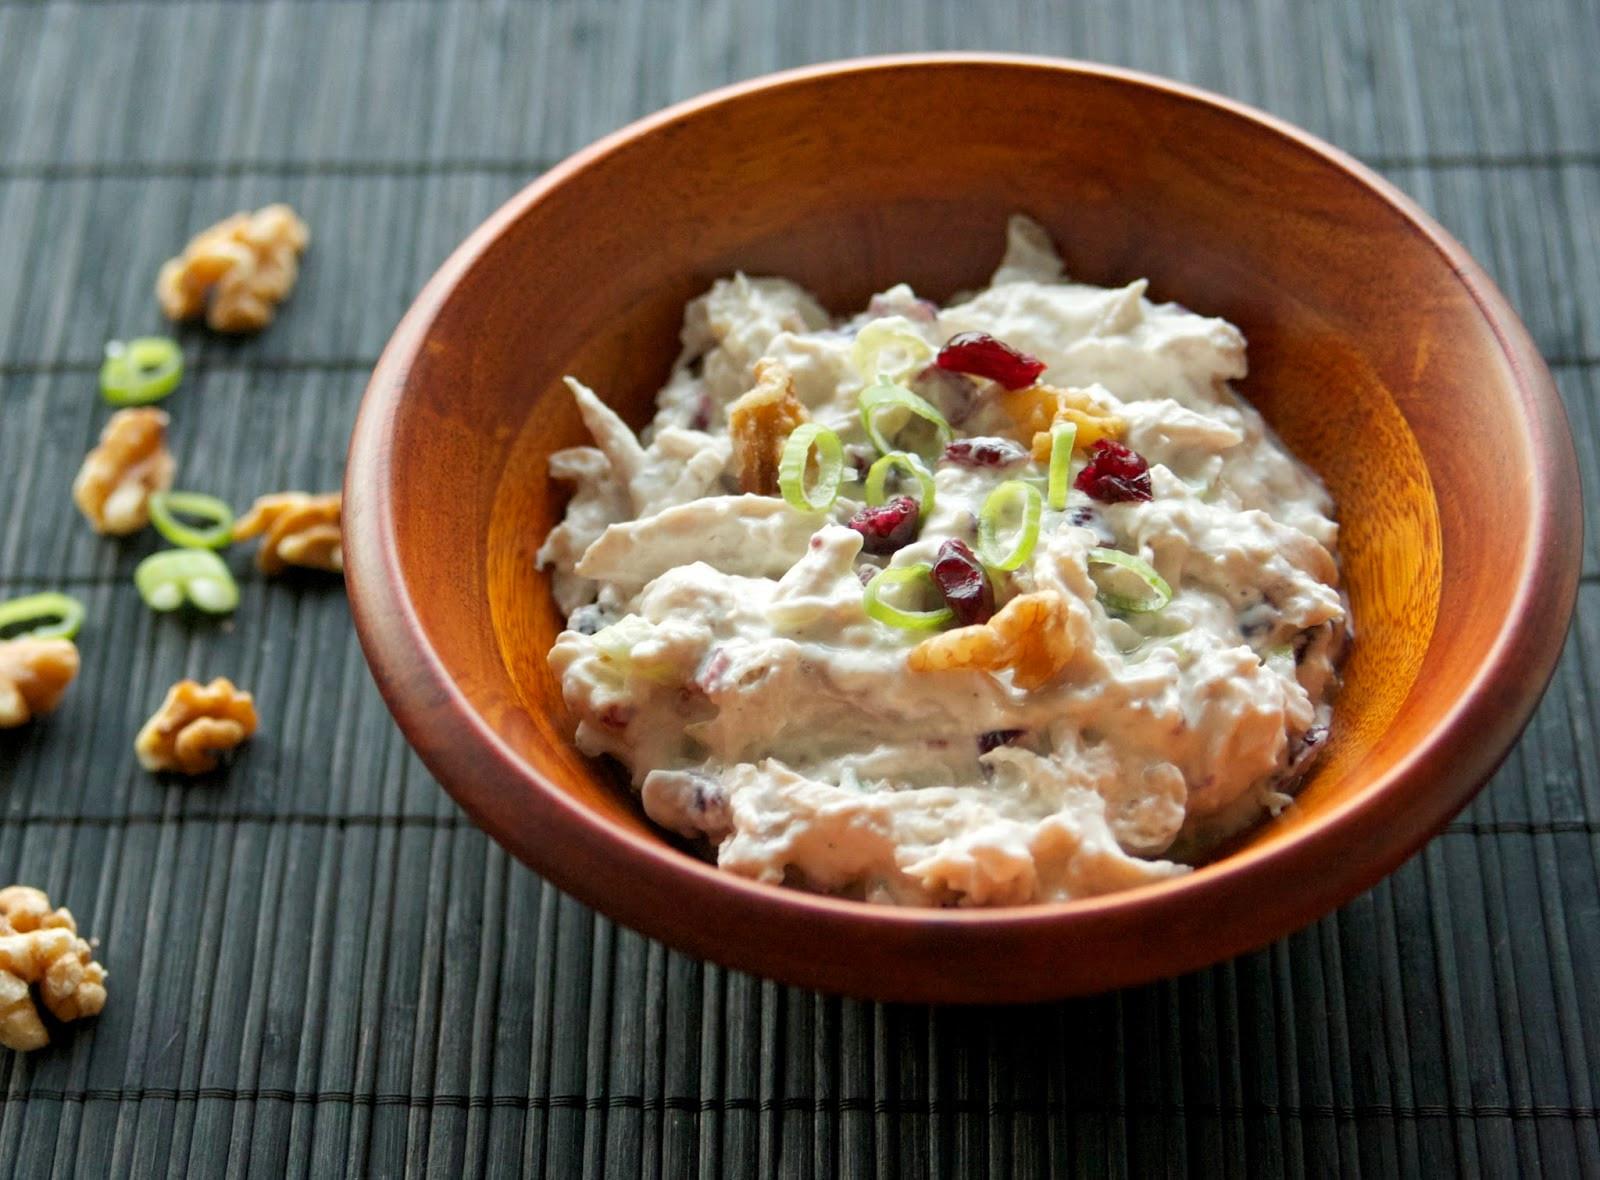 Healthy Chicken Salad Recipe No Mayo  Healthy Chicken Salad No Mayo